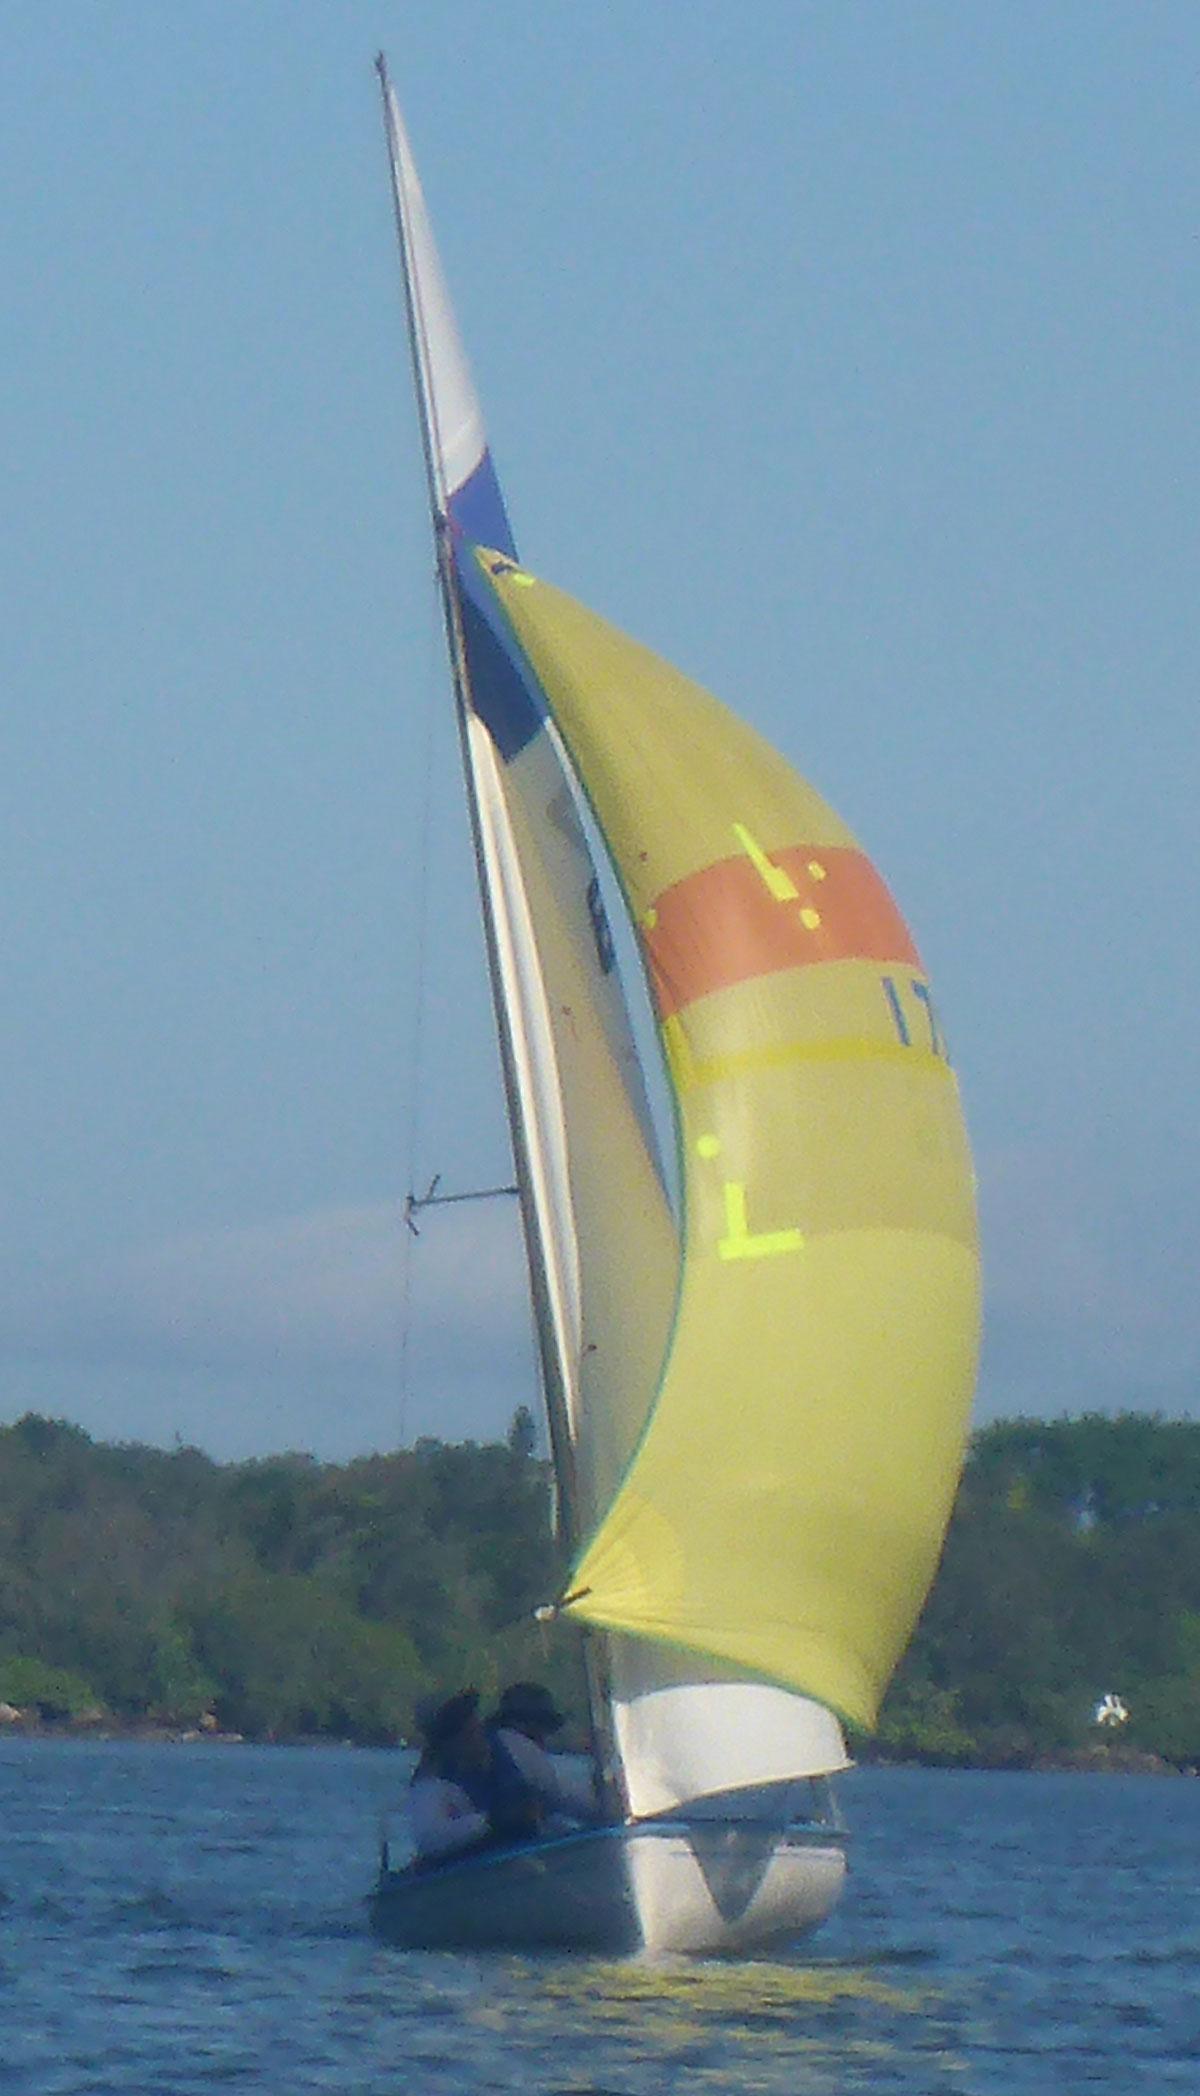 P1120572-russ-kite